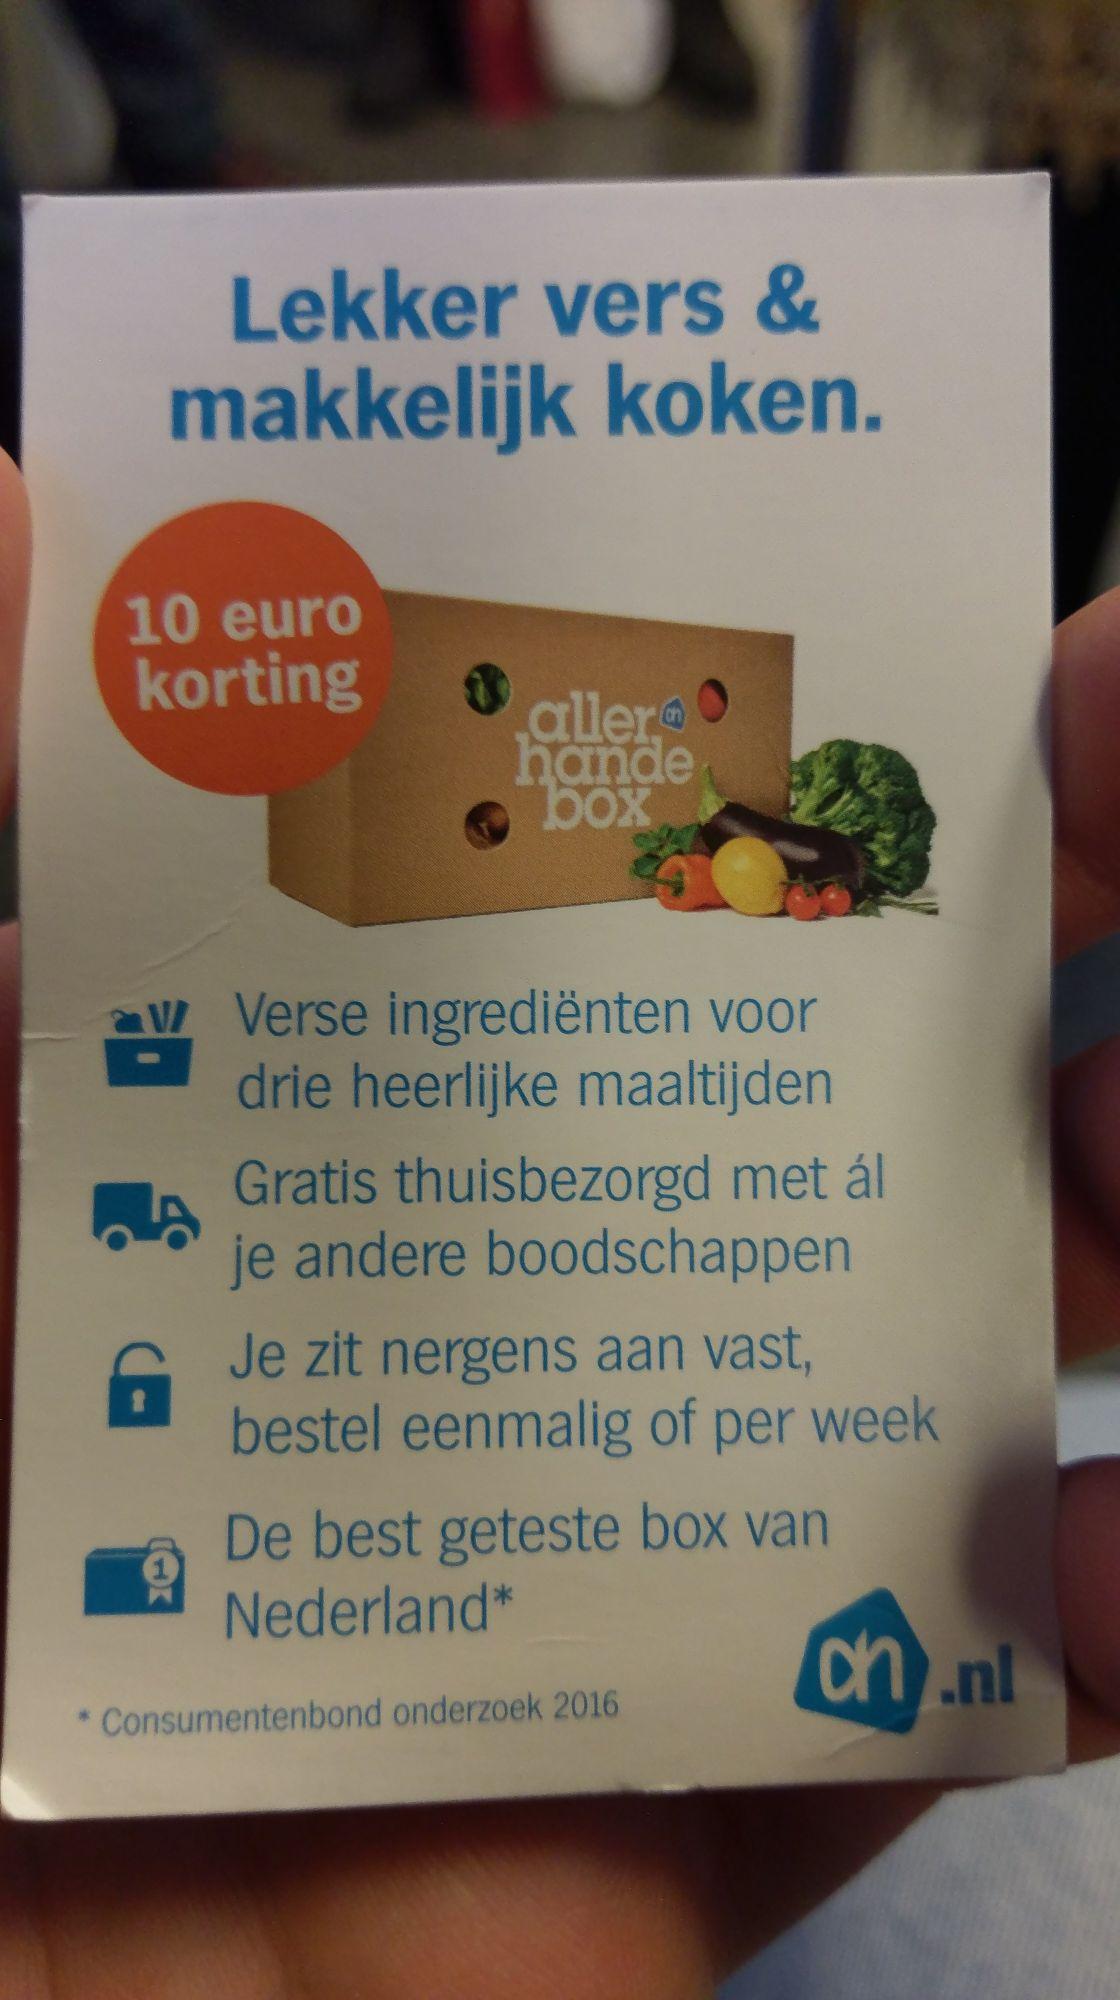 €10 korting op Allerhande box